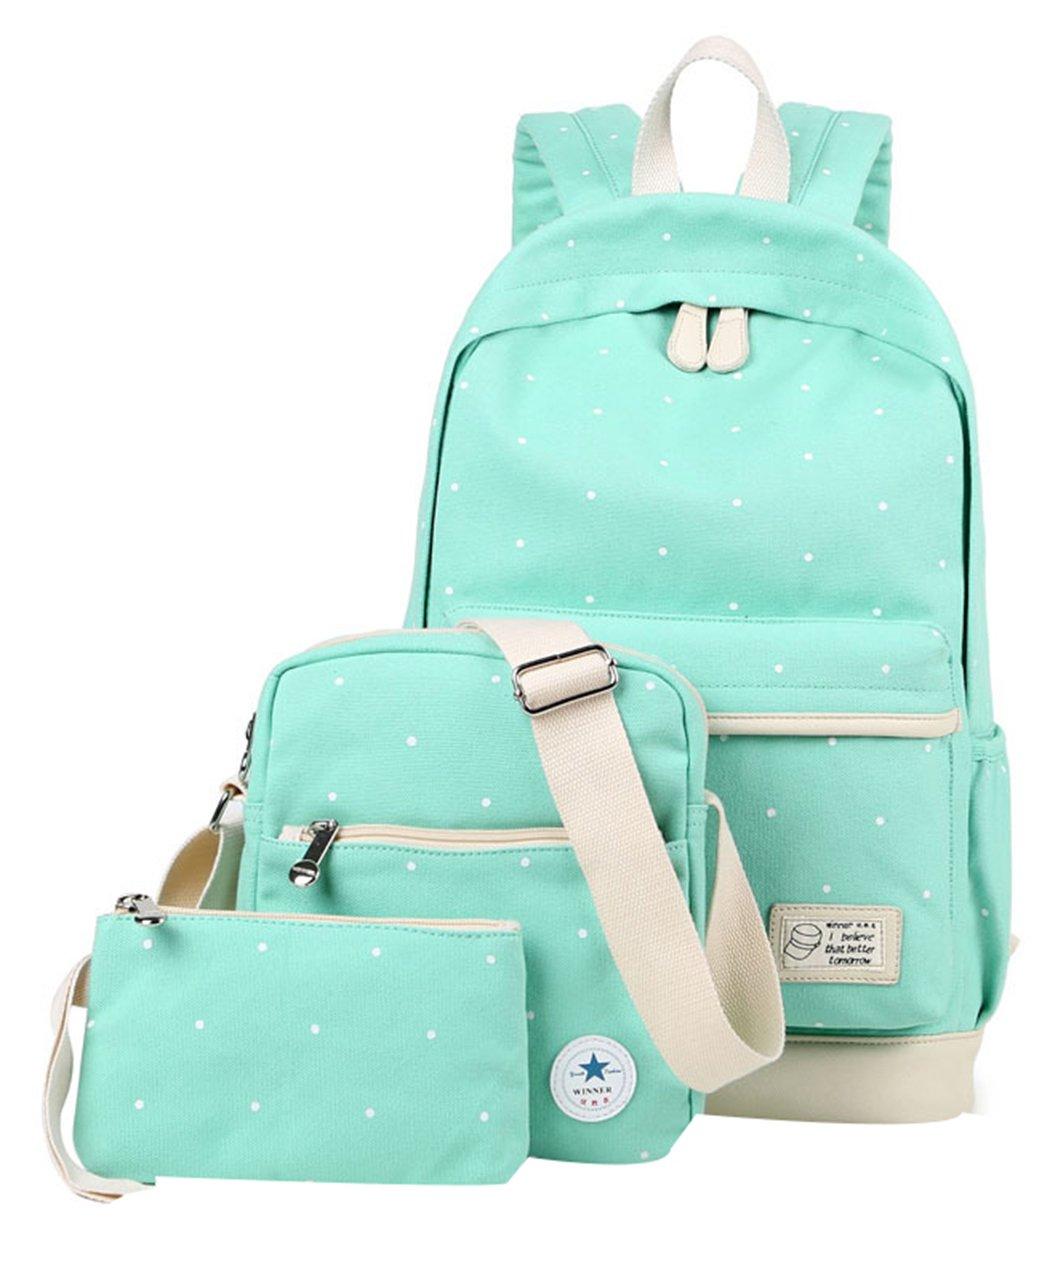 JiaYou Canvas Laptop Bag Shoulder Bag Pen Bag 14L School Backpack 3 Sets(Light Blue Dot,14L)